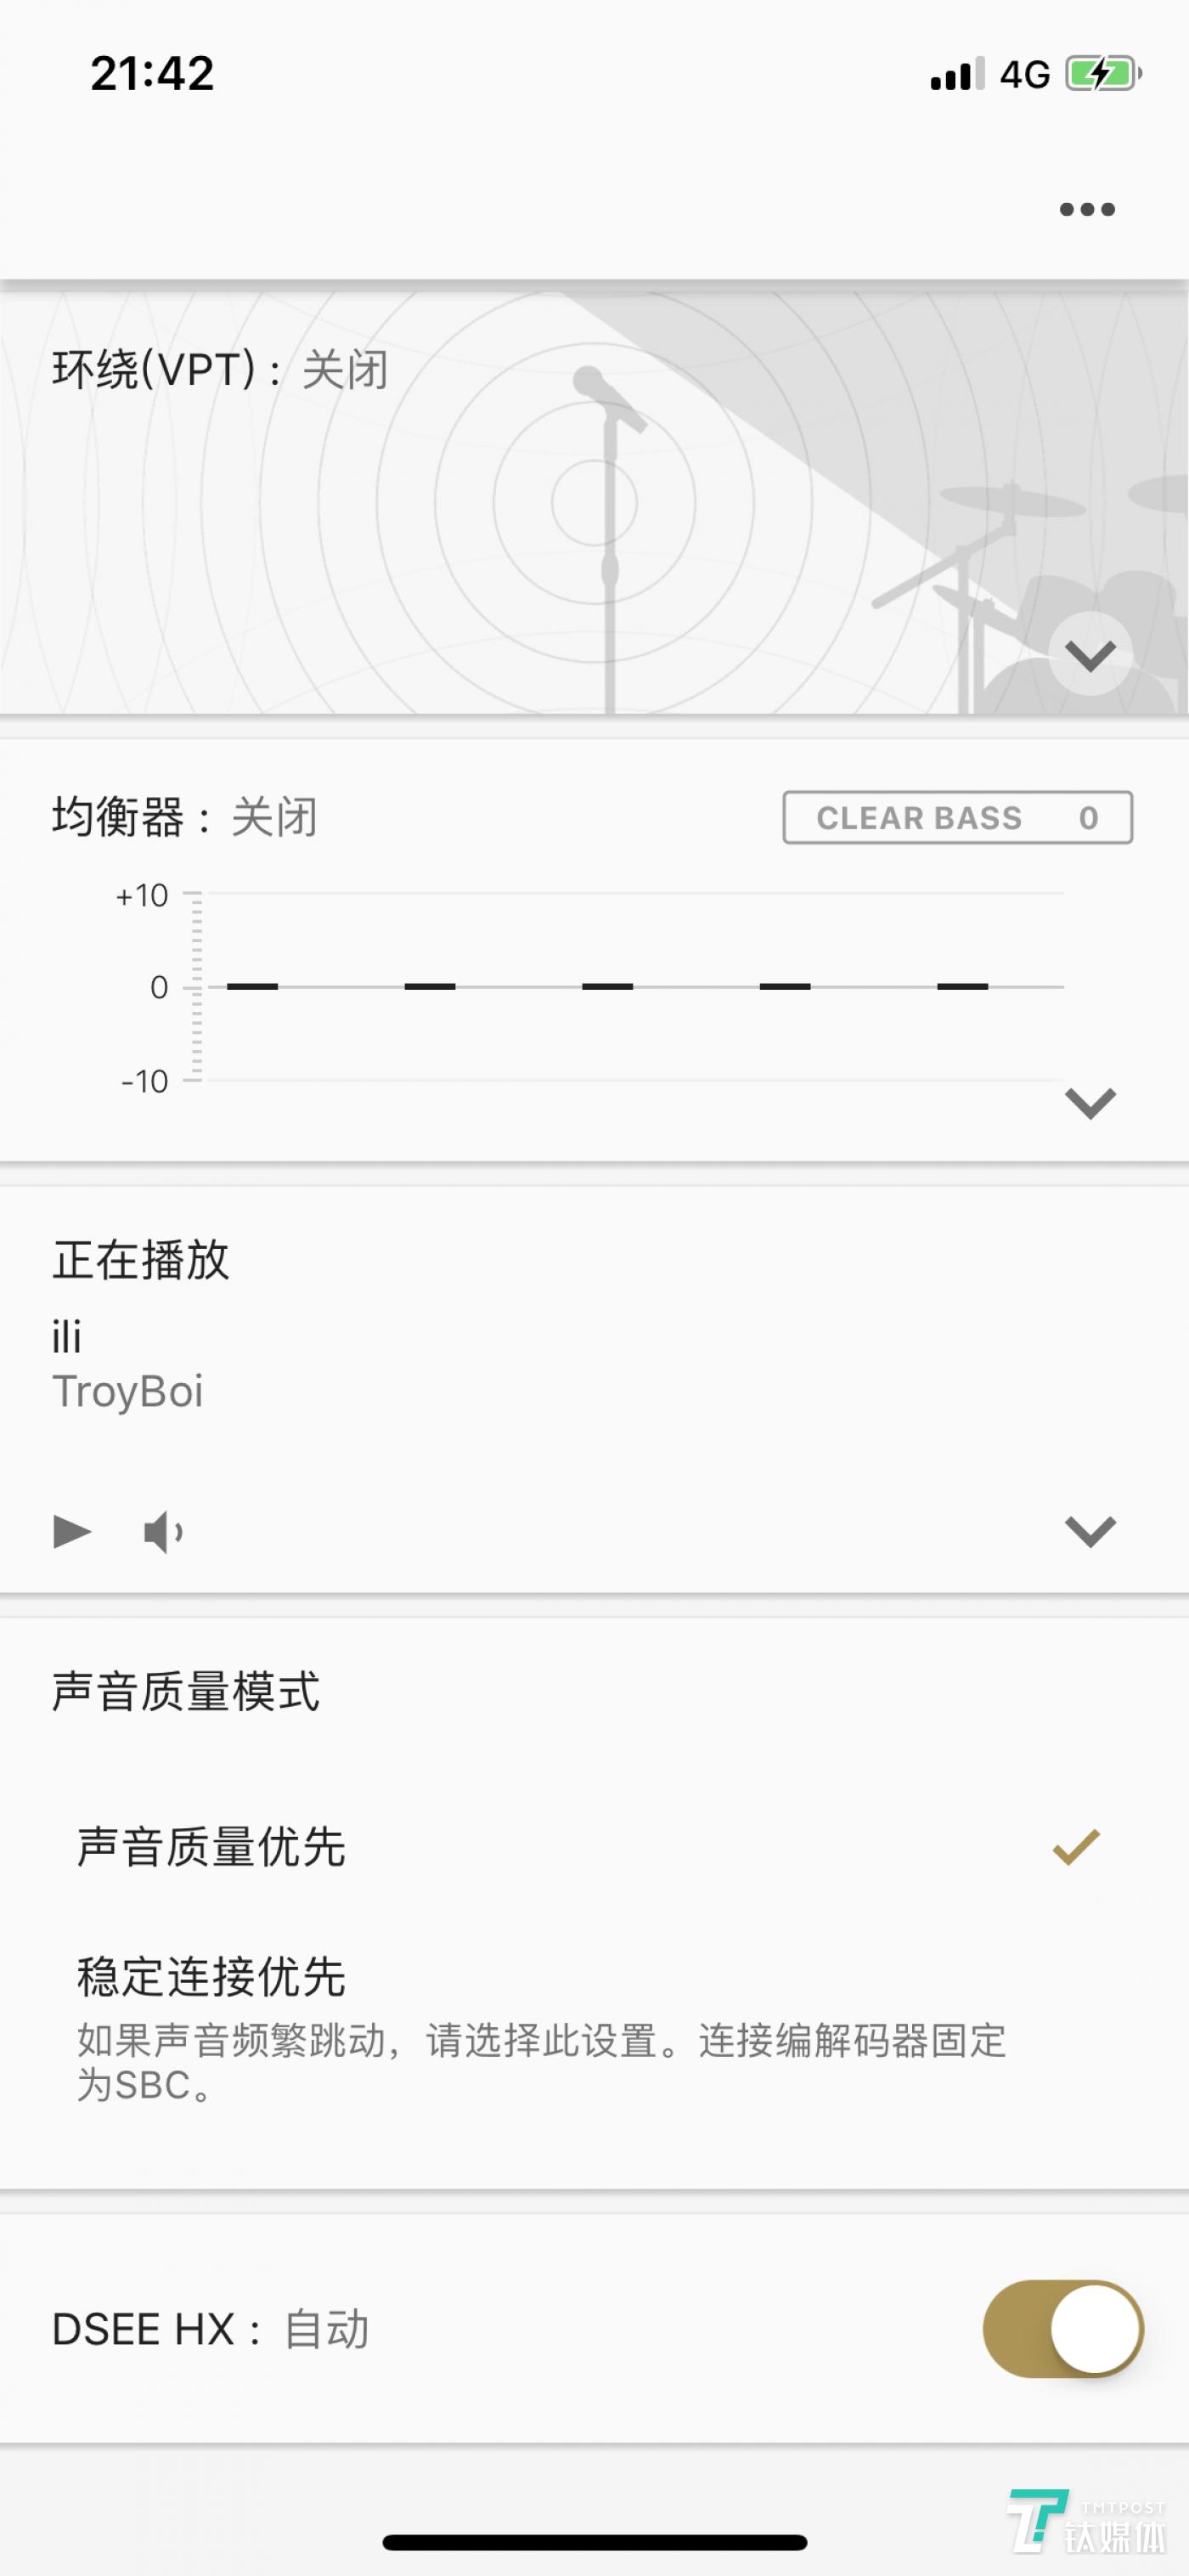 Sony 1000xm2 Headphones 可以选择 SBS 编码